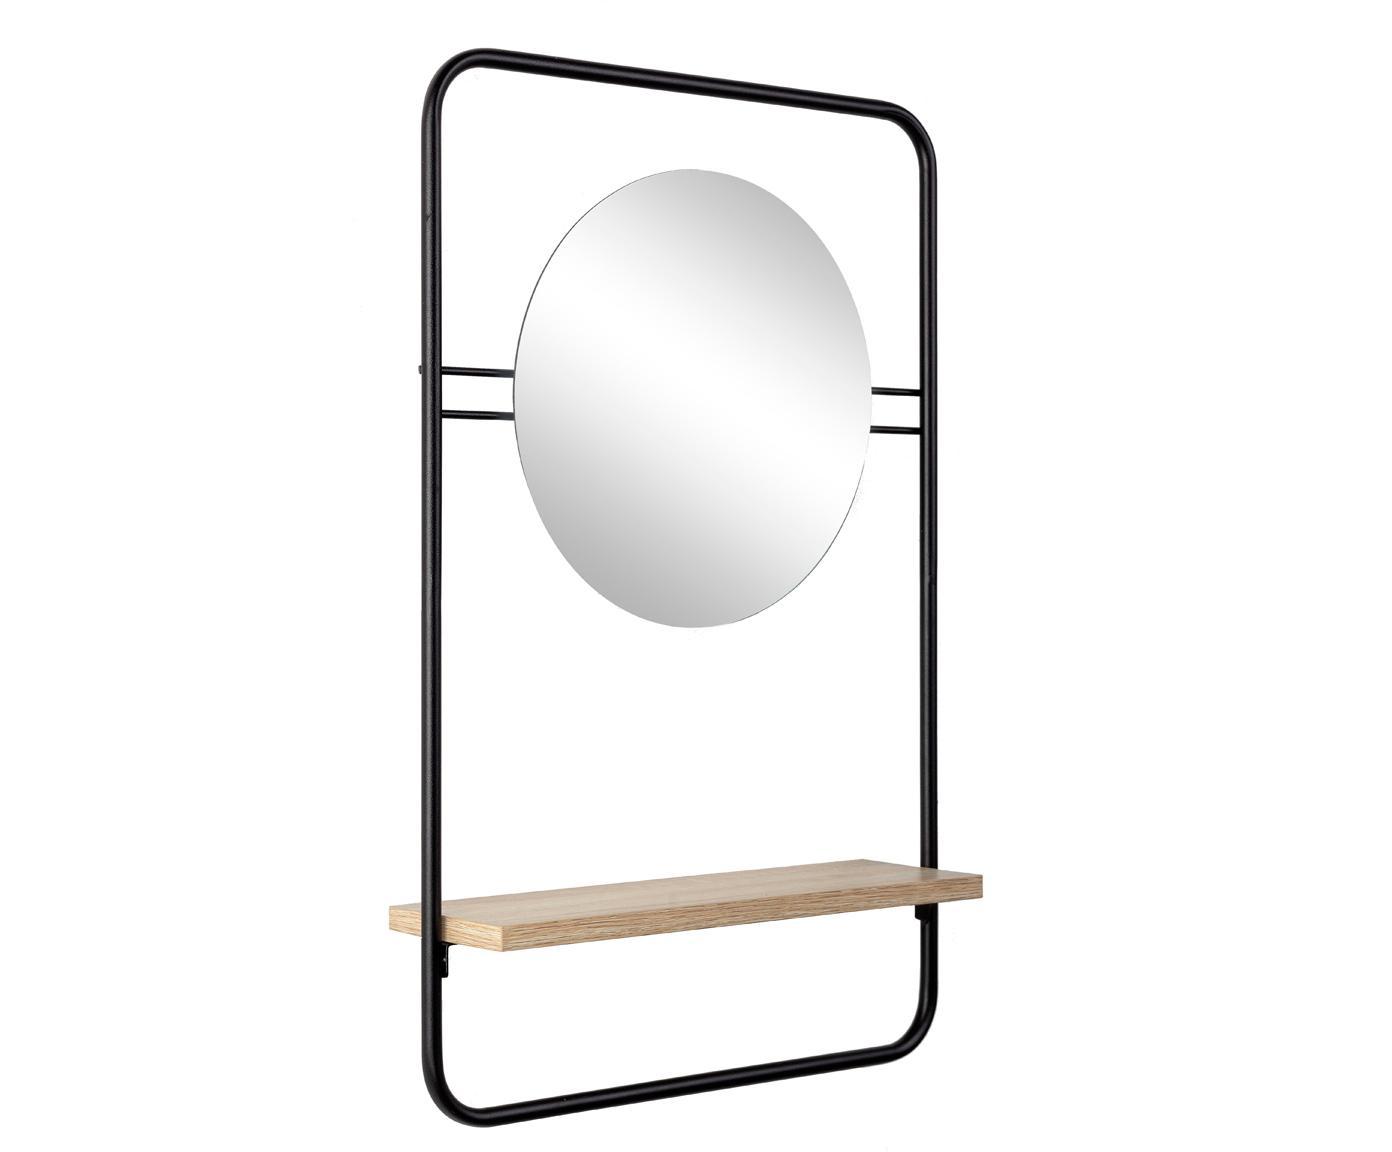 Espejo de pared de metal Quiete, con estante, Estante: madera, Espejo: cristal, Negro, madera, An 41 x Al 64 cm